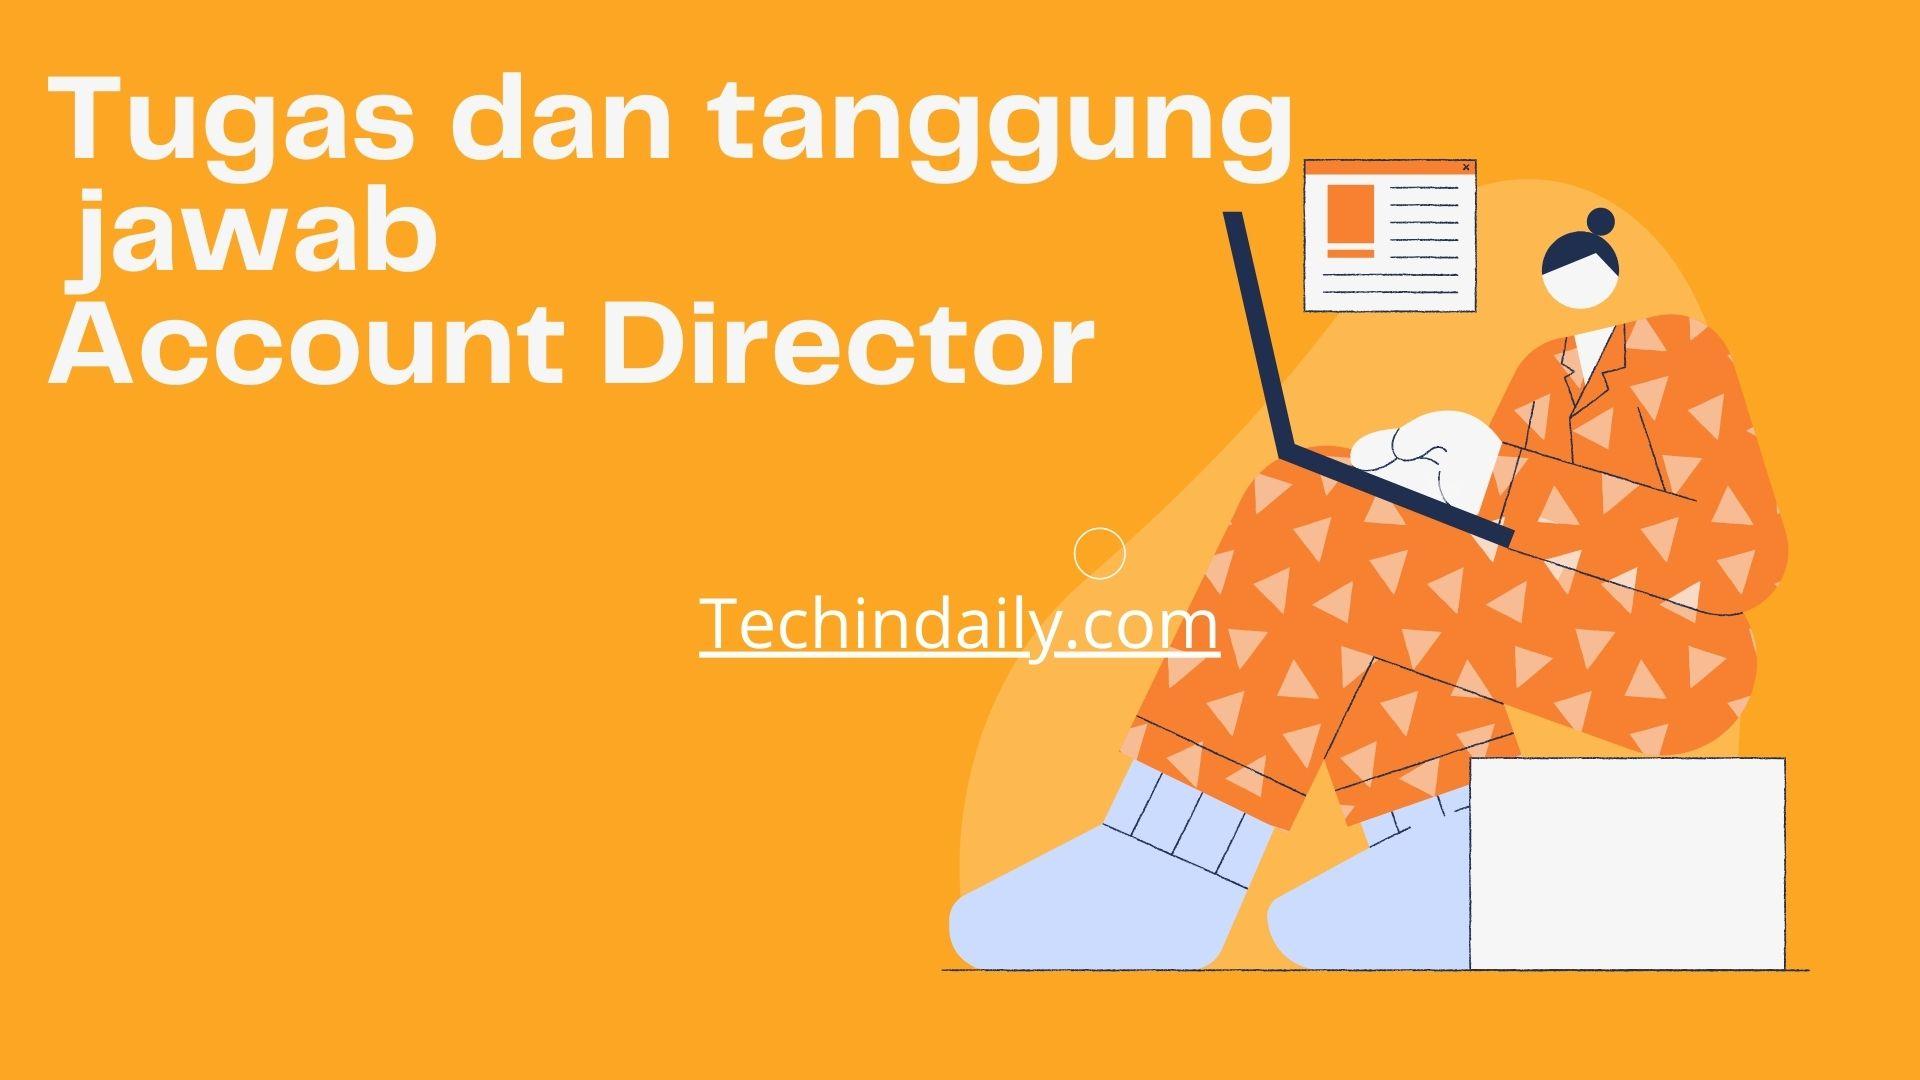 Tugas dan tanggung jawab Account Director